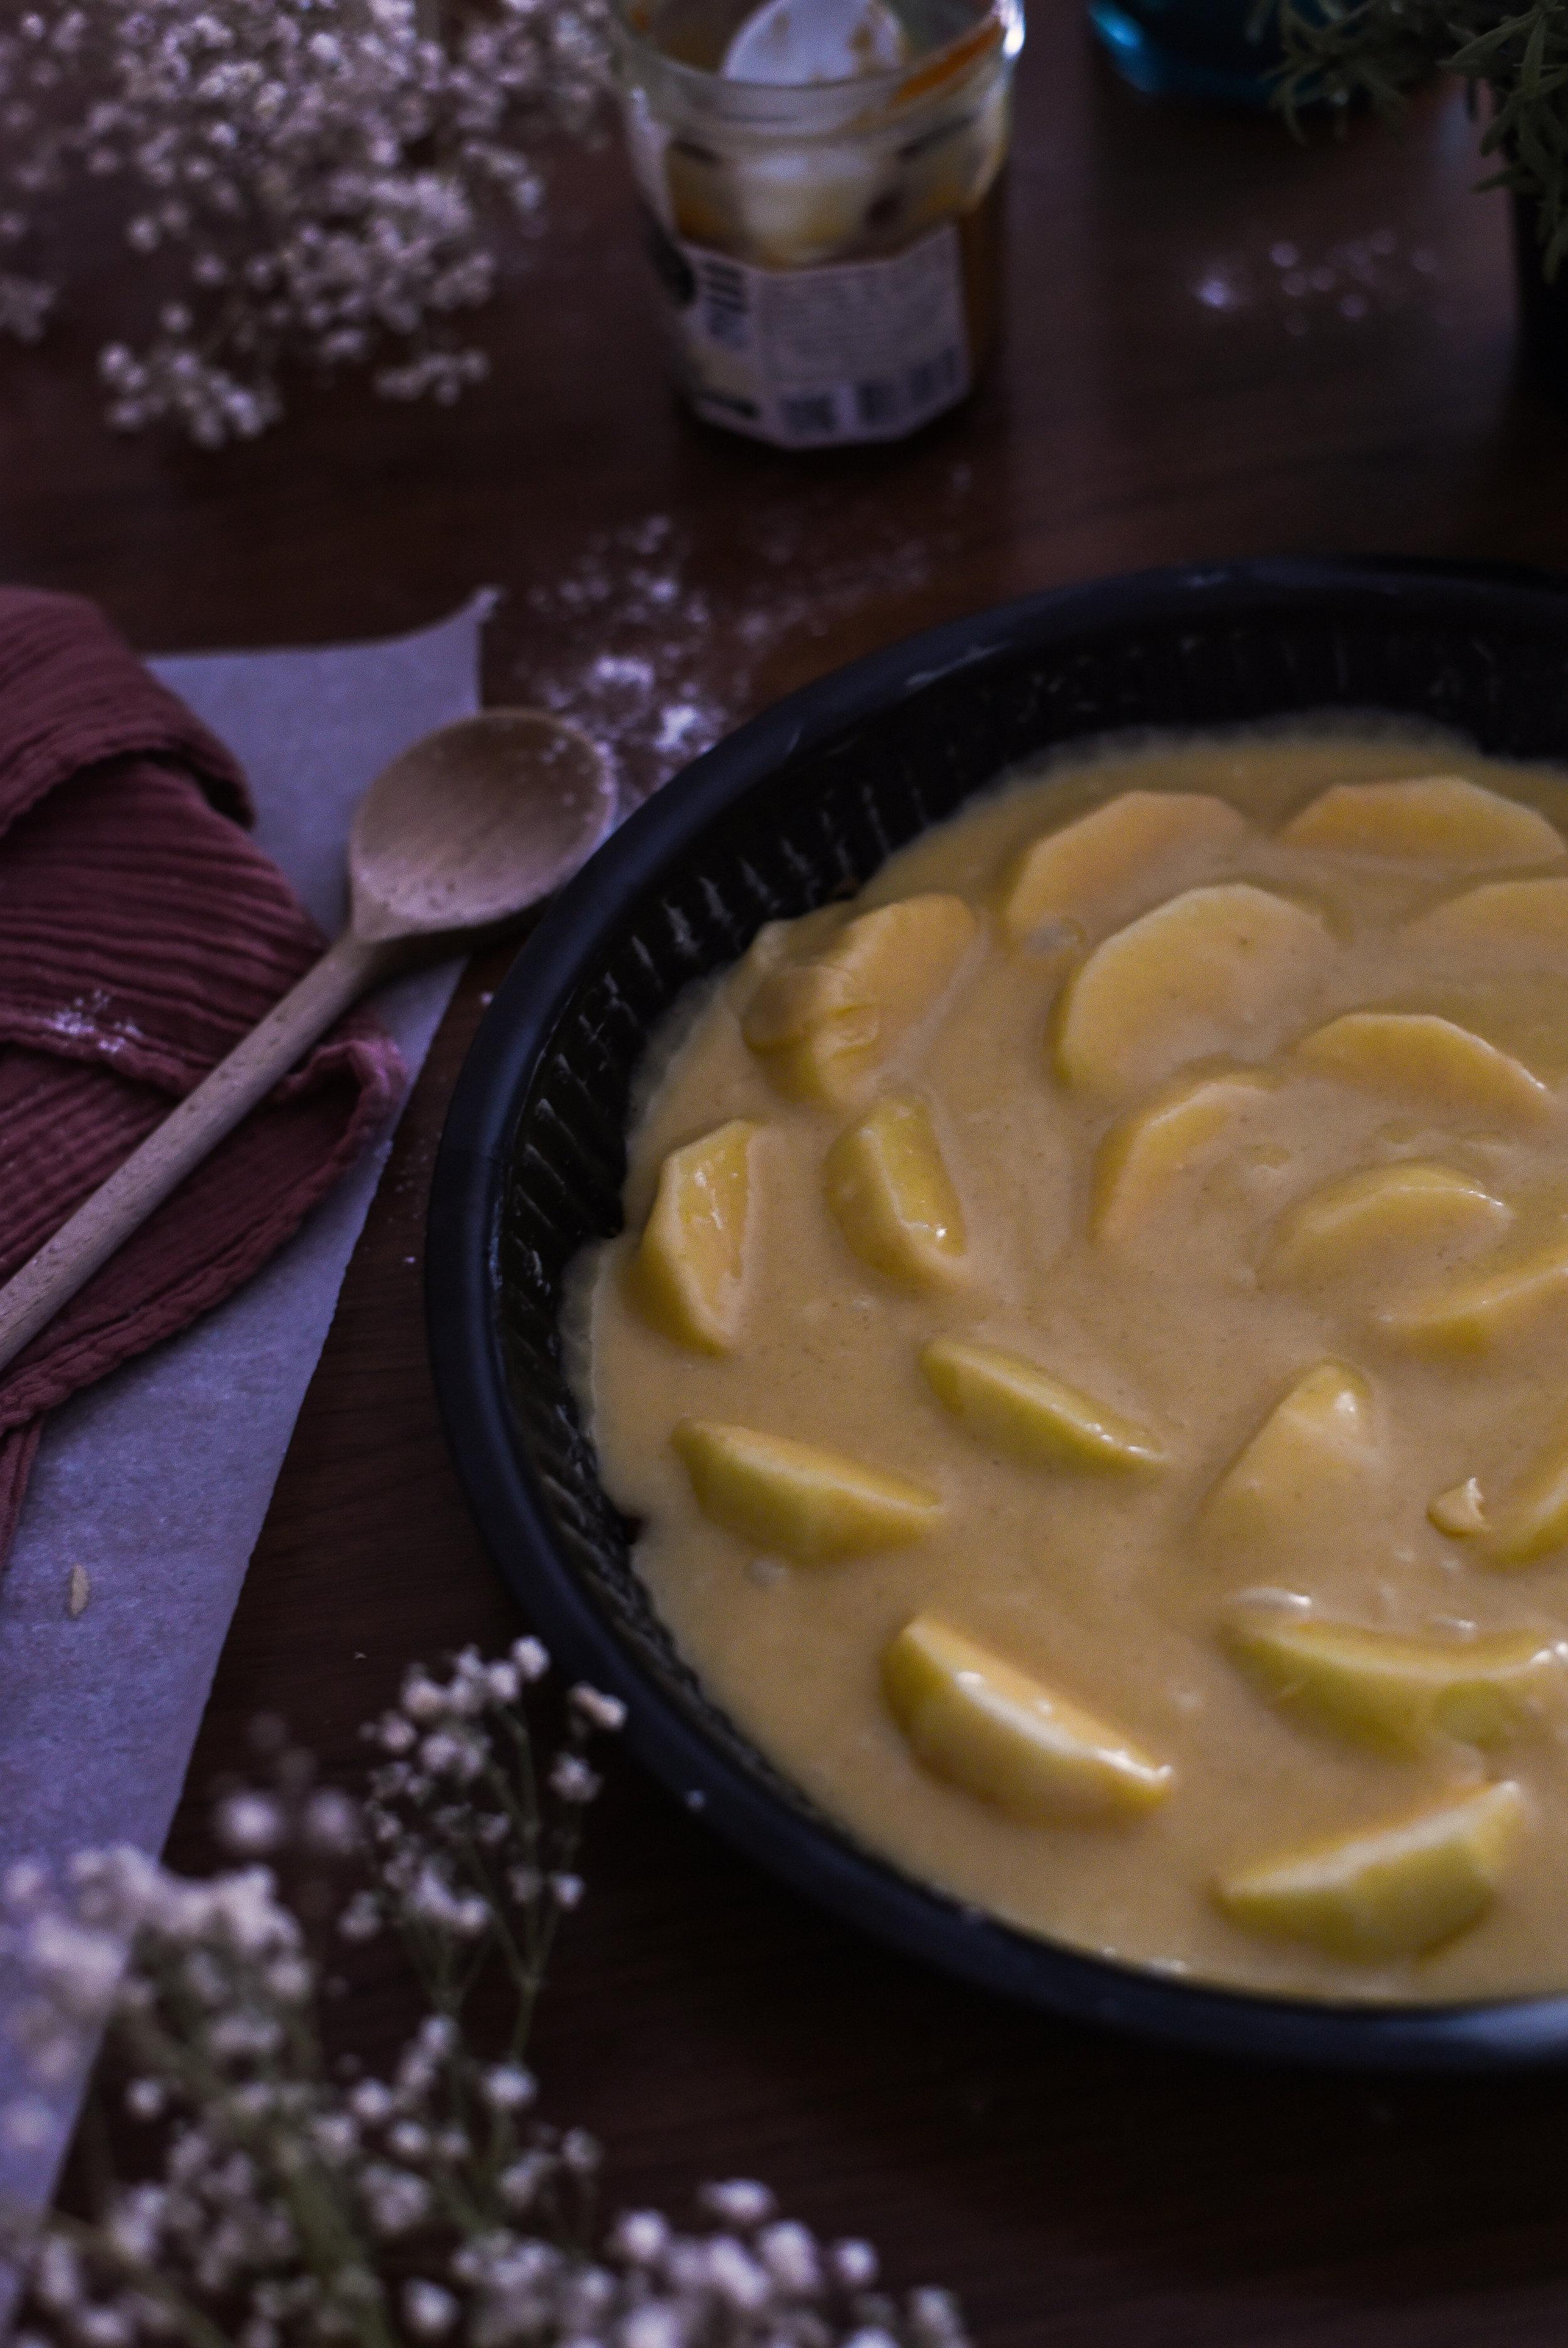 twinky lizzy blog aix en provence - gateau pomme caramel beurre sale 05.jpg